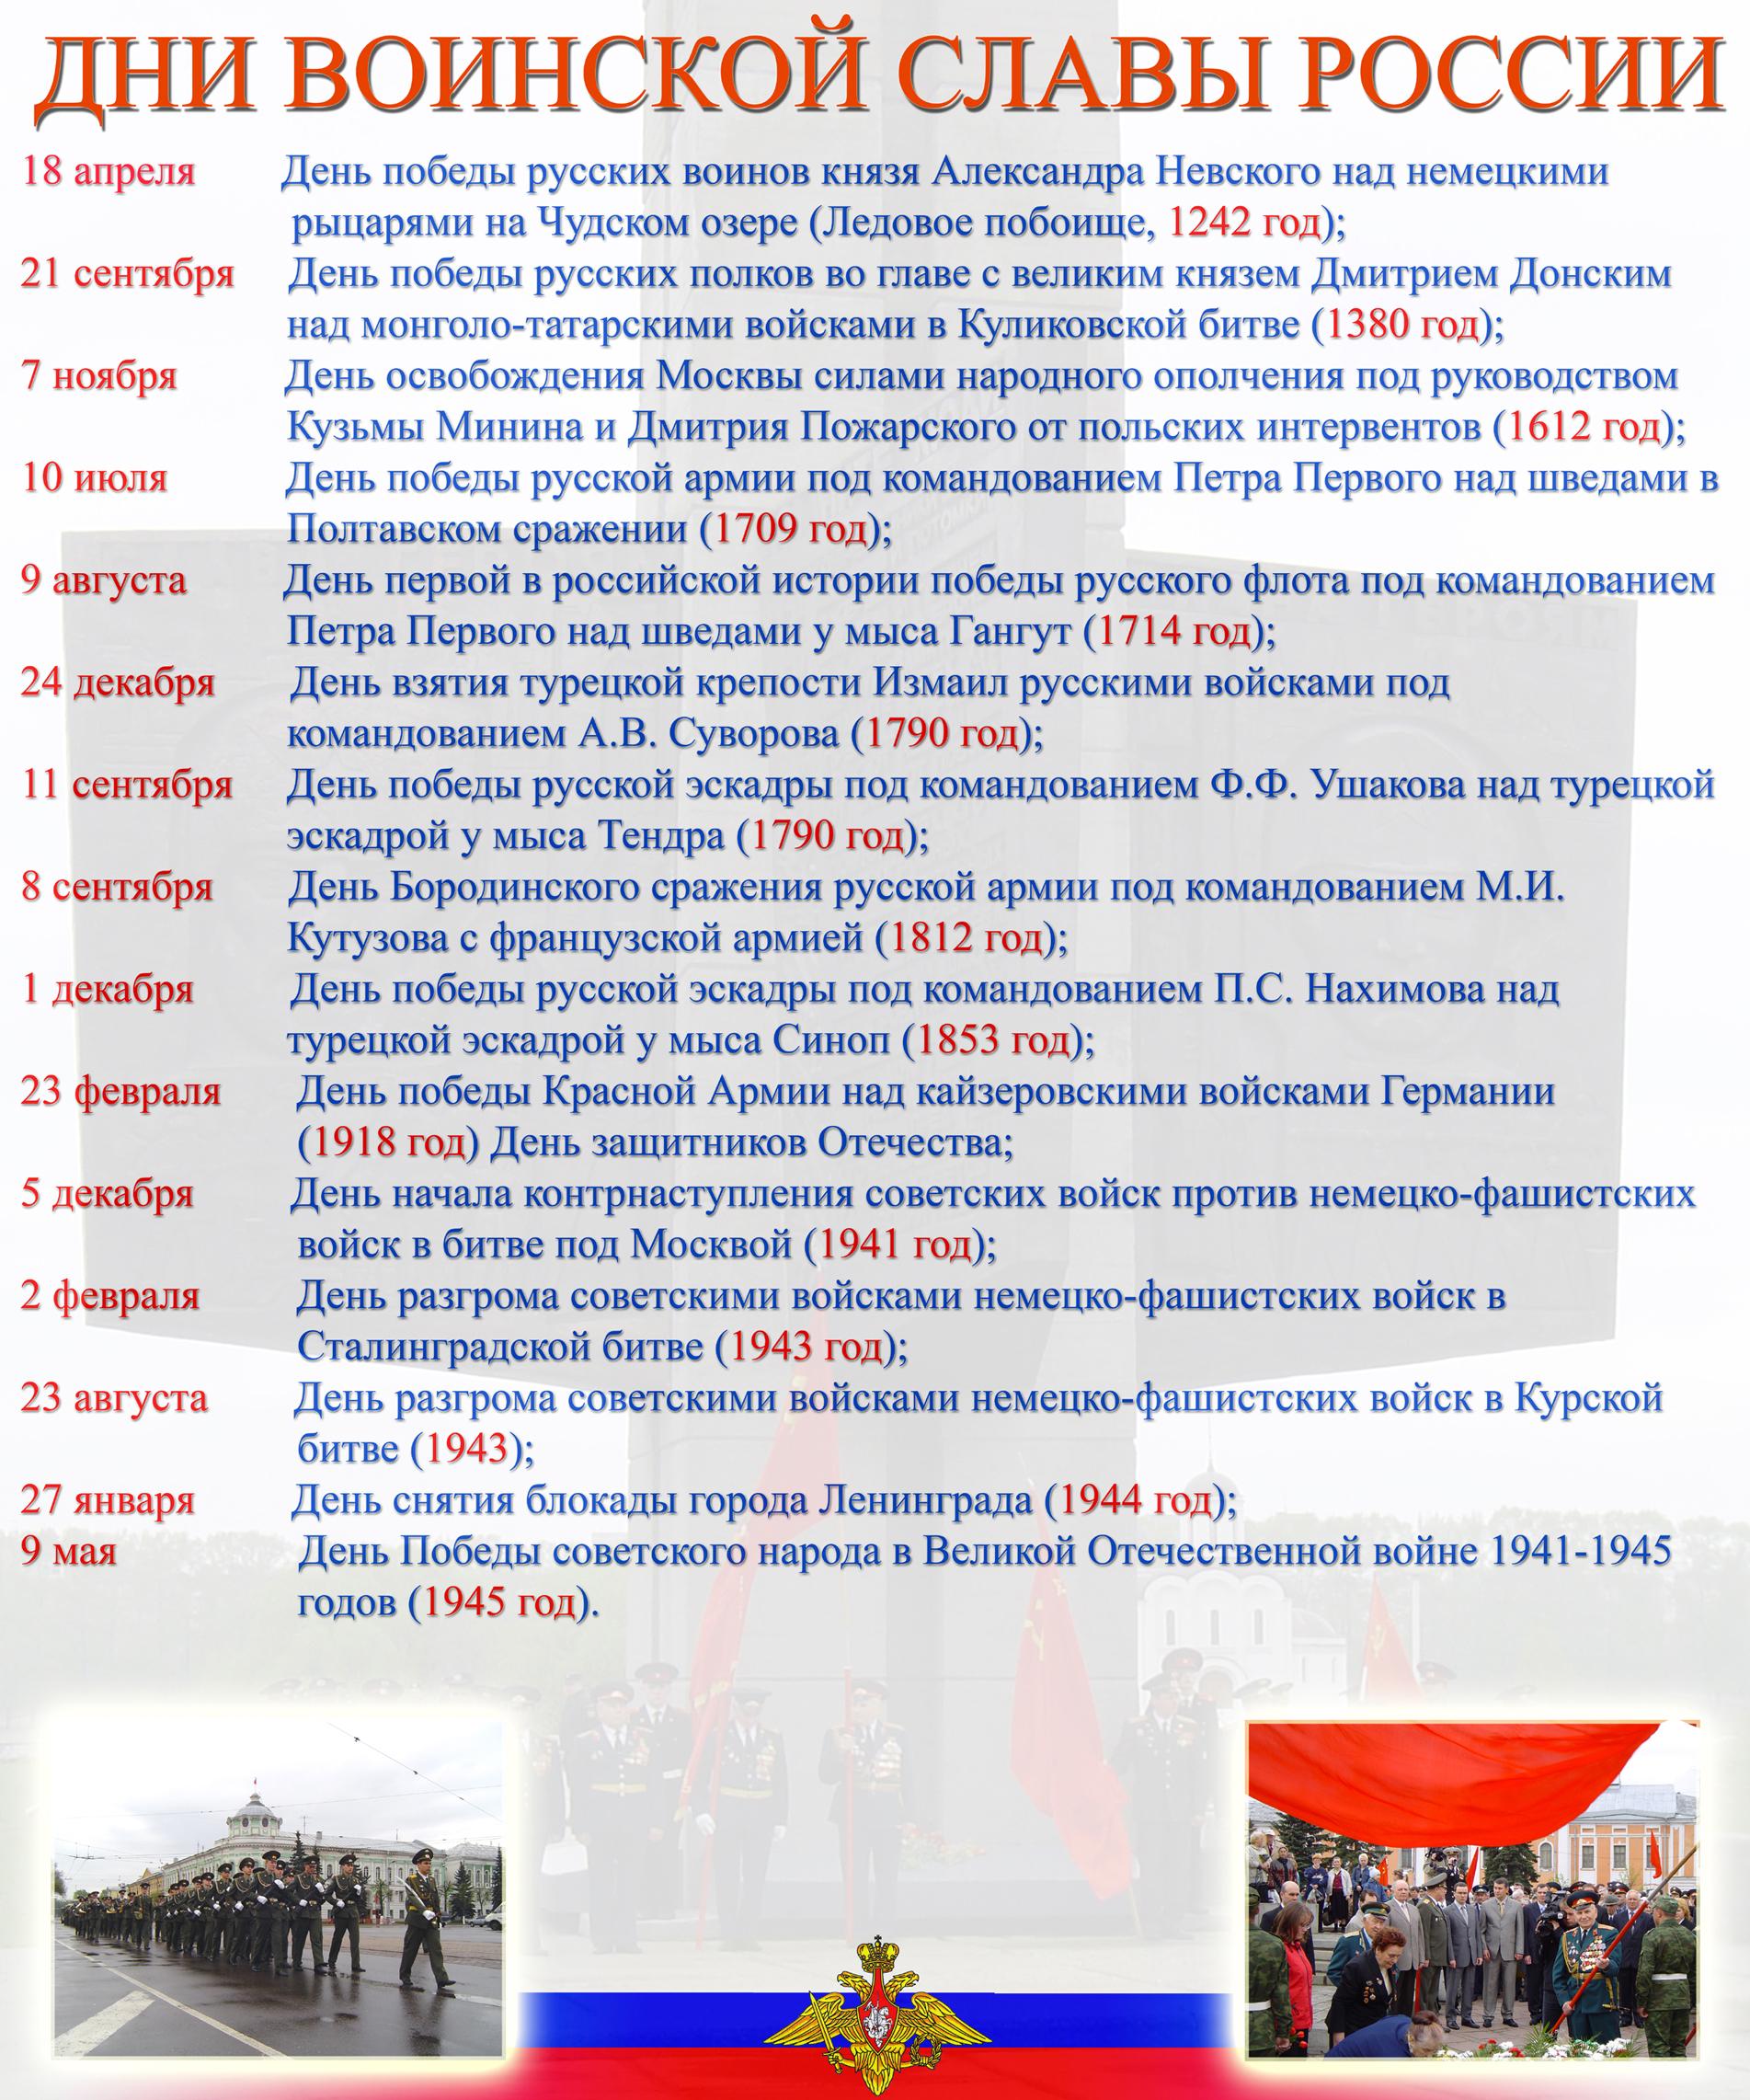 Картинки день воинской славы россии 2019